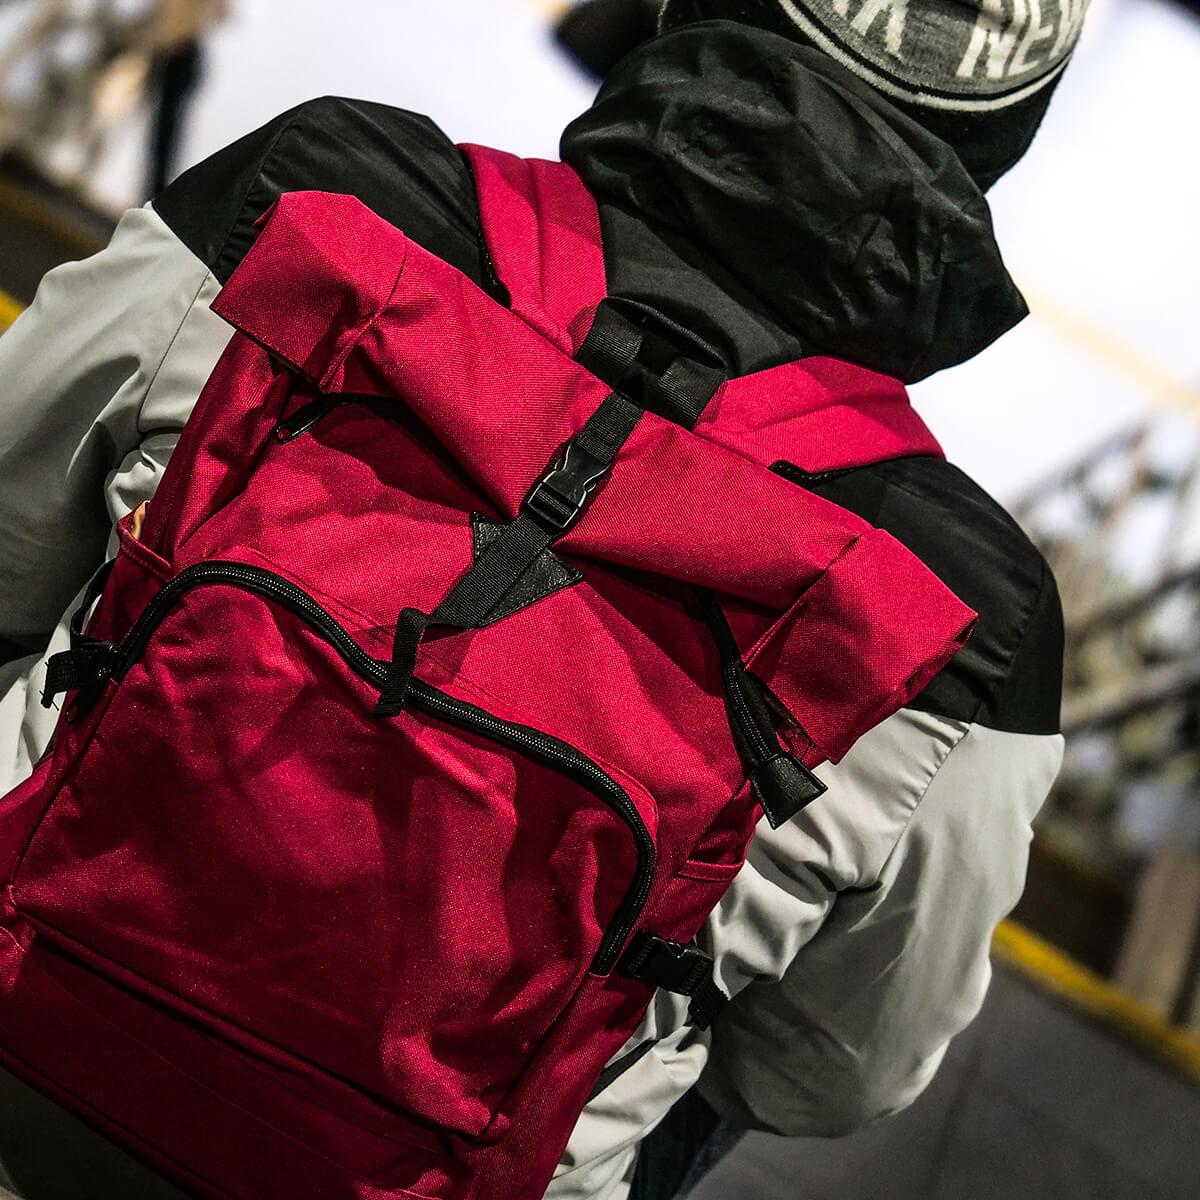 086ad9326fa66 Tanie i modne plecaki młodzieżowe, szkolne dla nastolatków - Brytyjka